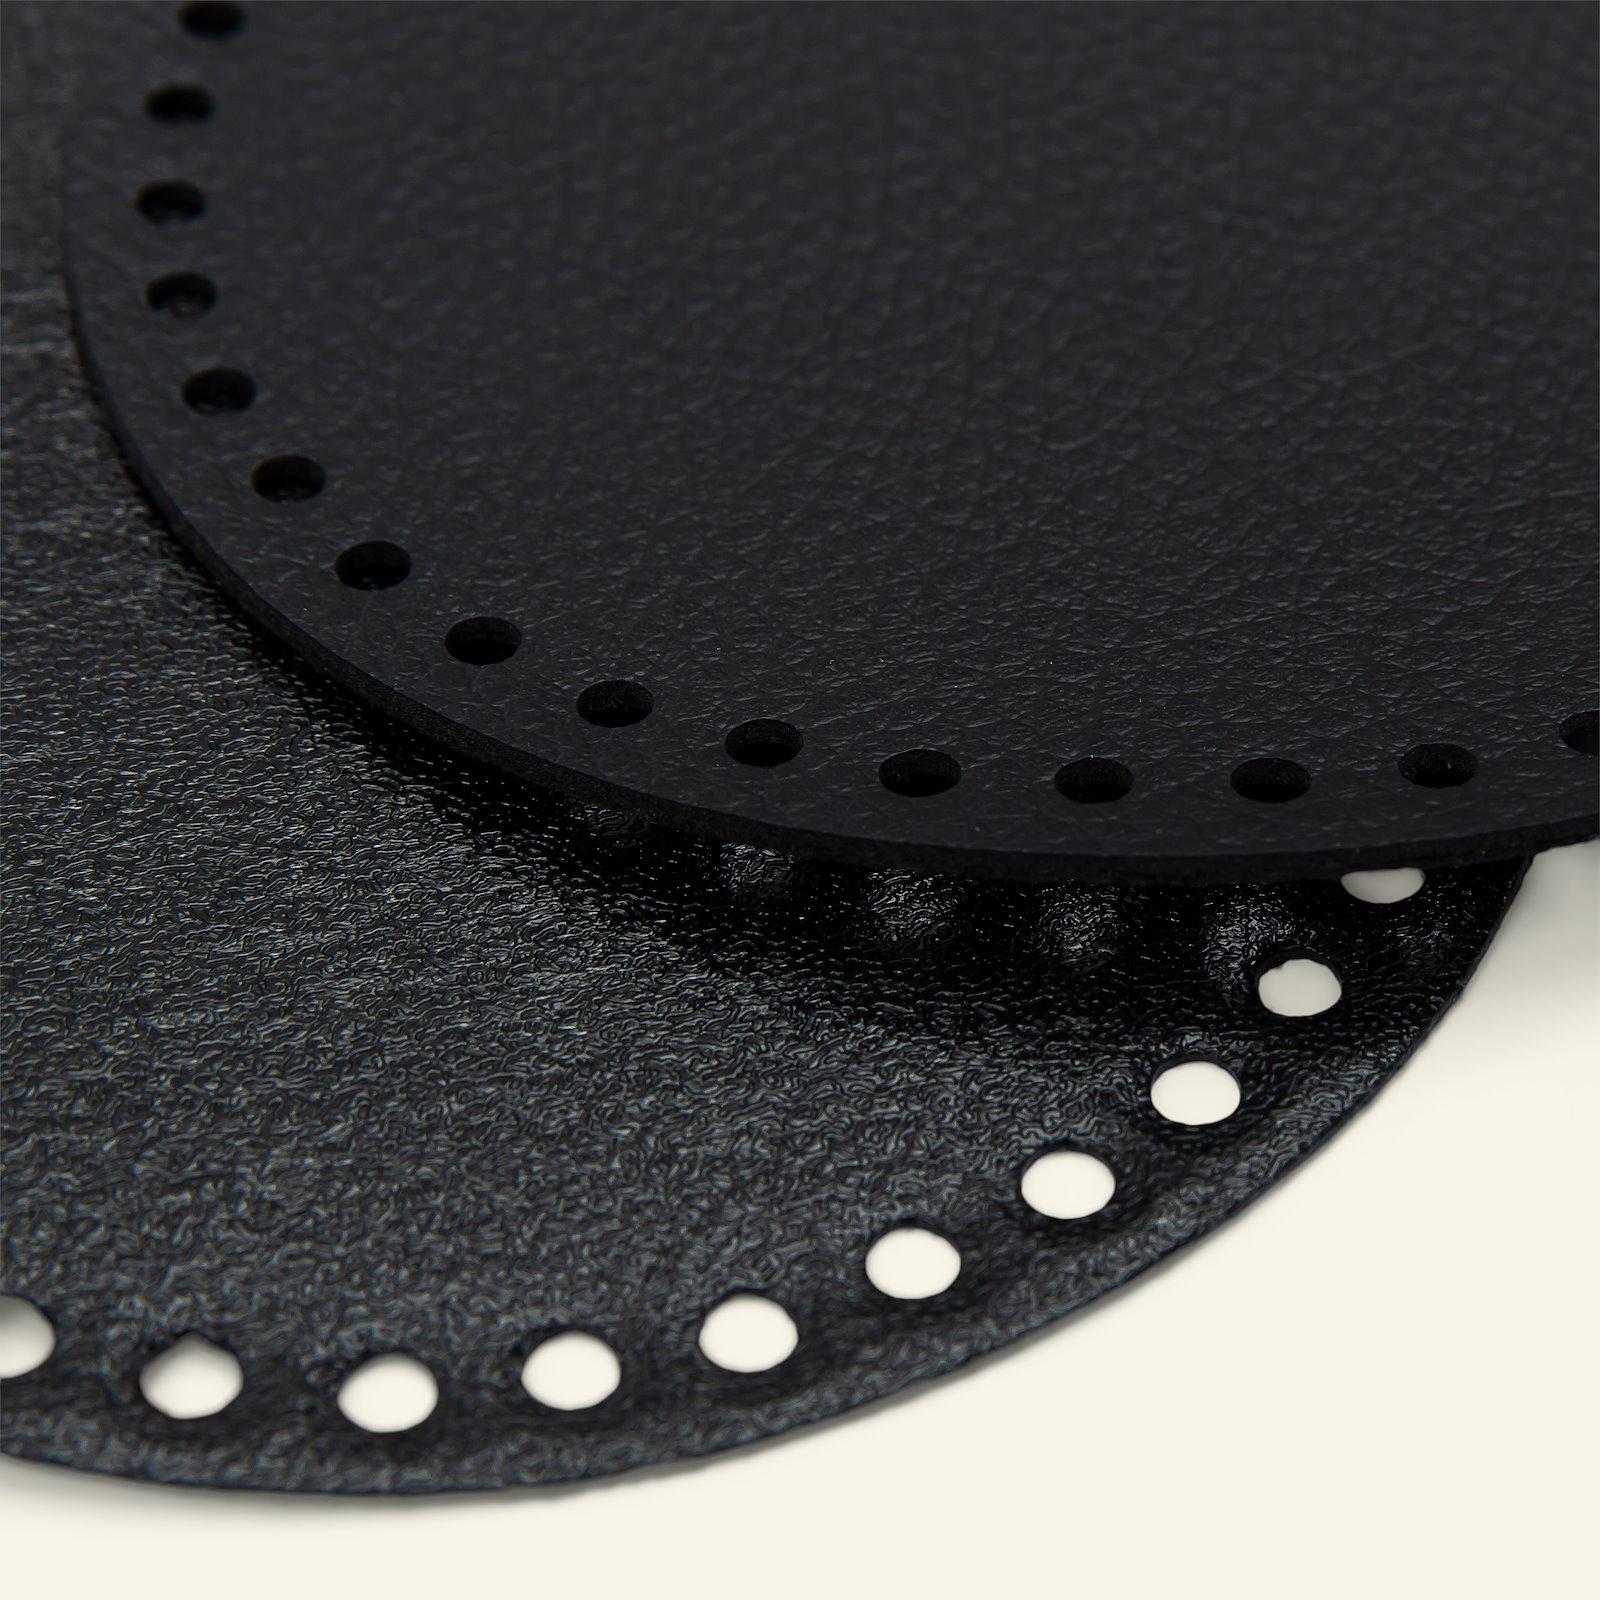 FRAYA bag/basket bottom 16cm black 1pc 83309_pack_b